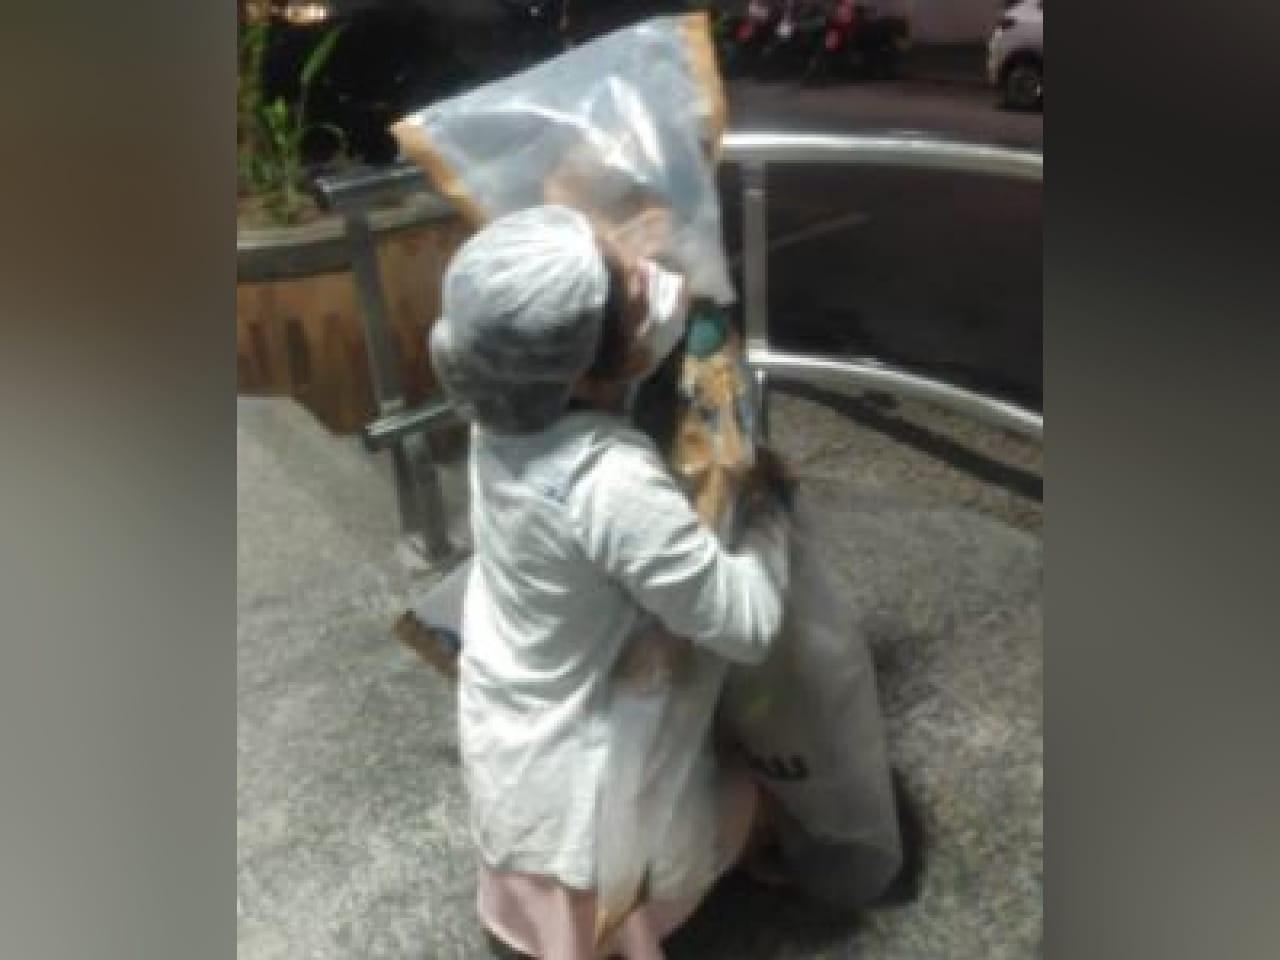 Empresária faz 'roupa' de plástico para que filho da melhor amiga abraçasse a mãe em hospital de Fortaleza